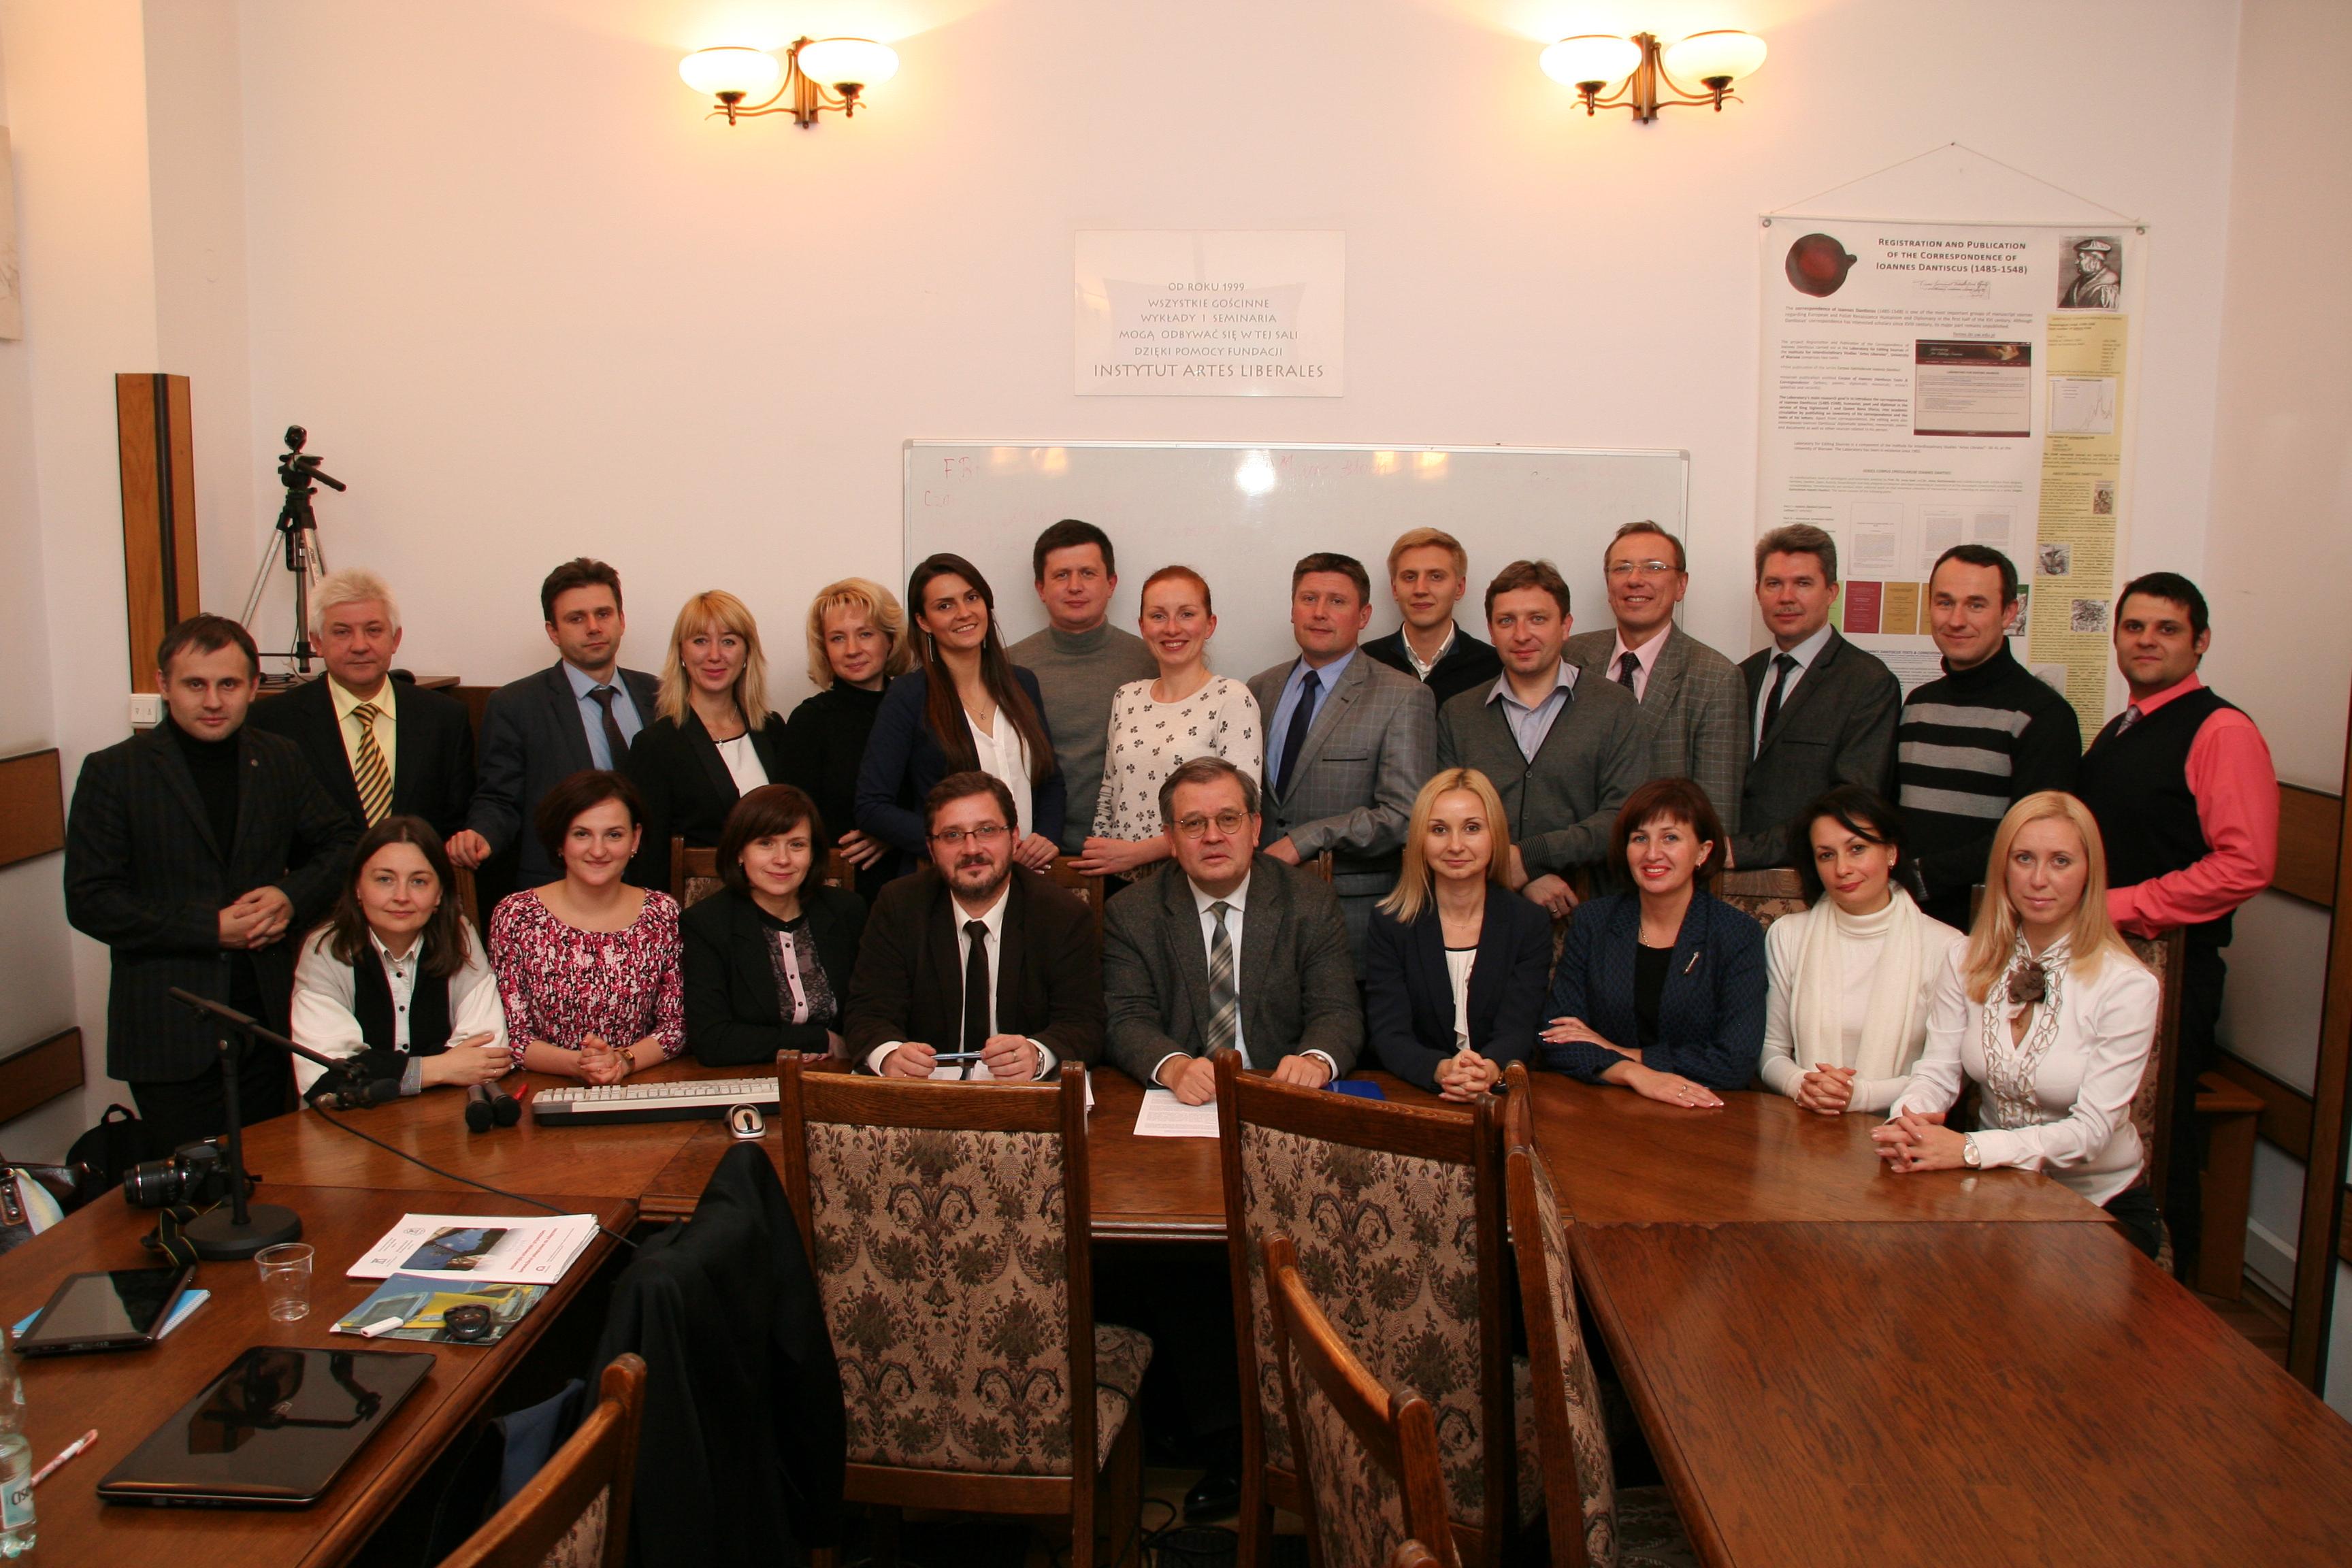 Na zdjęciu: uczestnicy projektu podczas spotkania podsumowującego i prezentacji koncepcji mikroprojektów